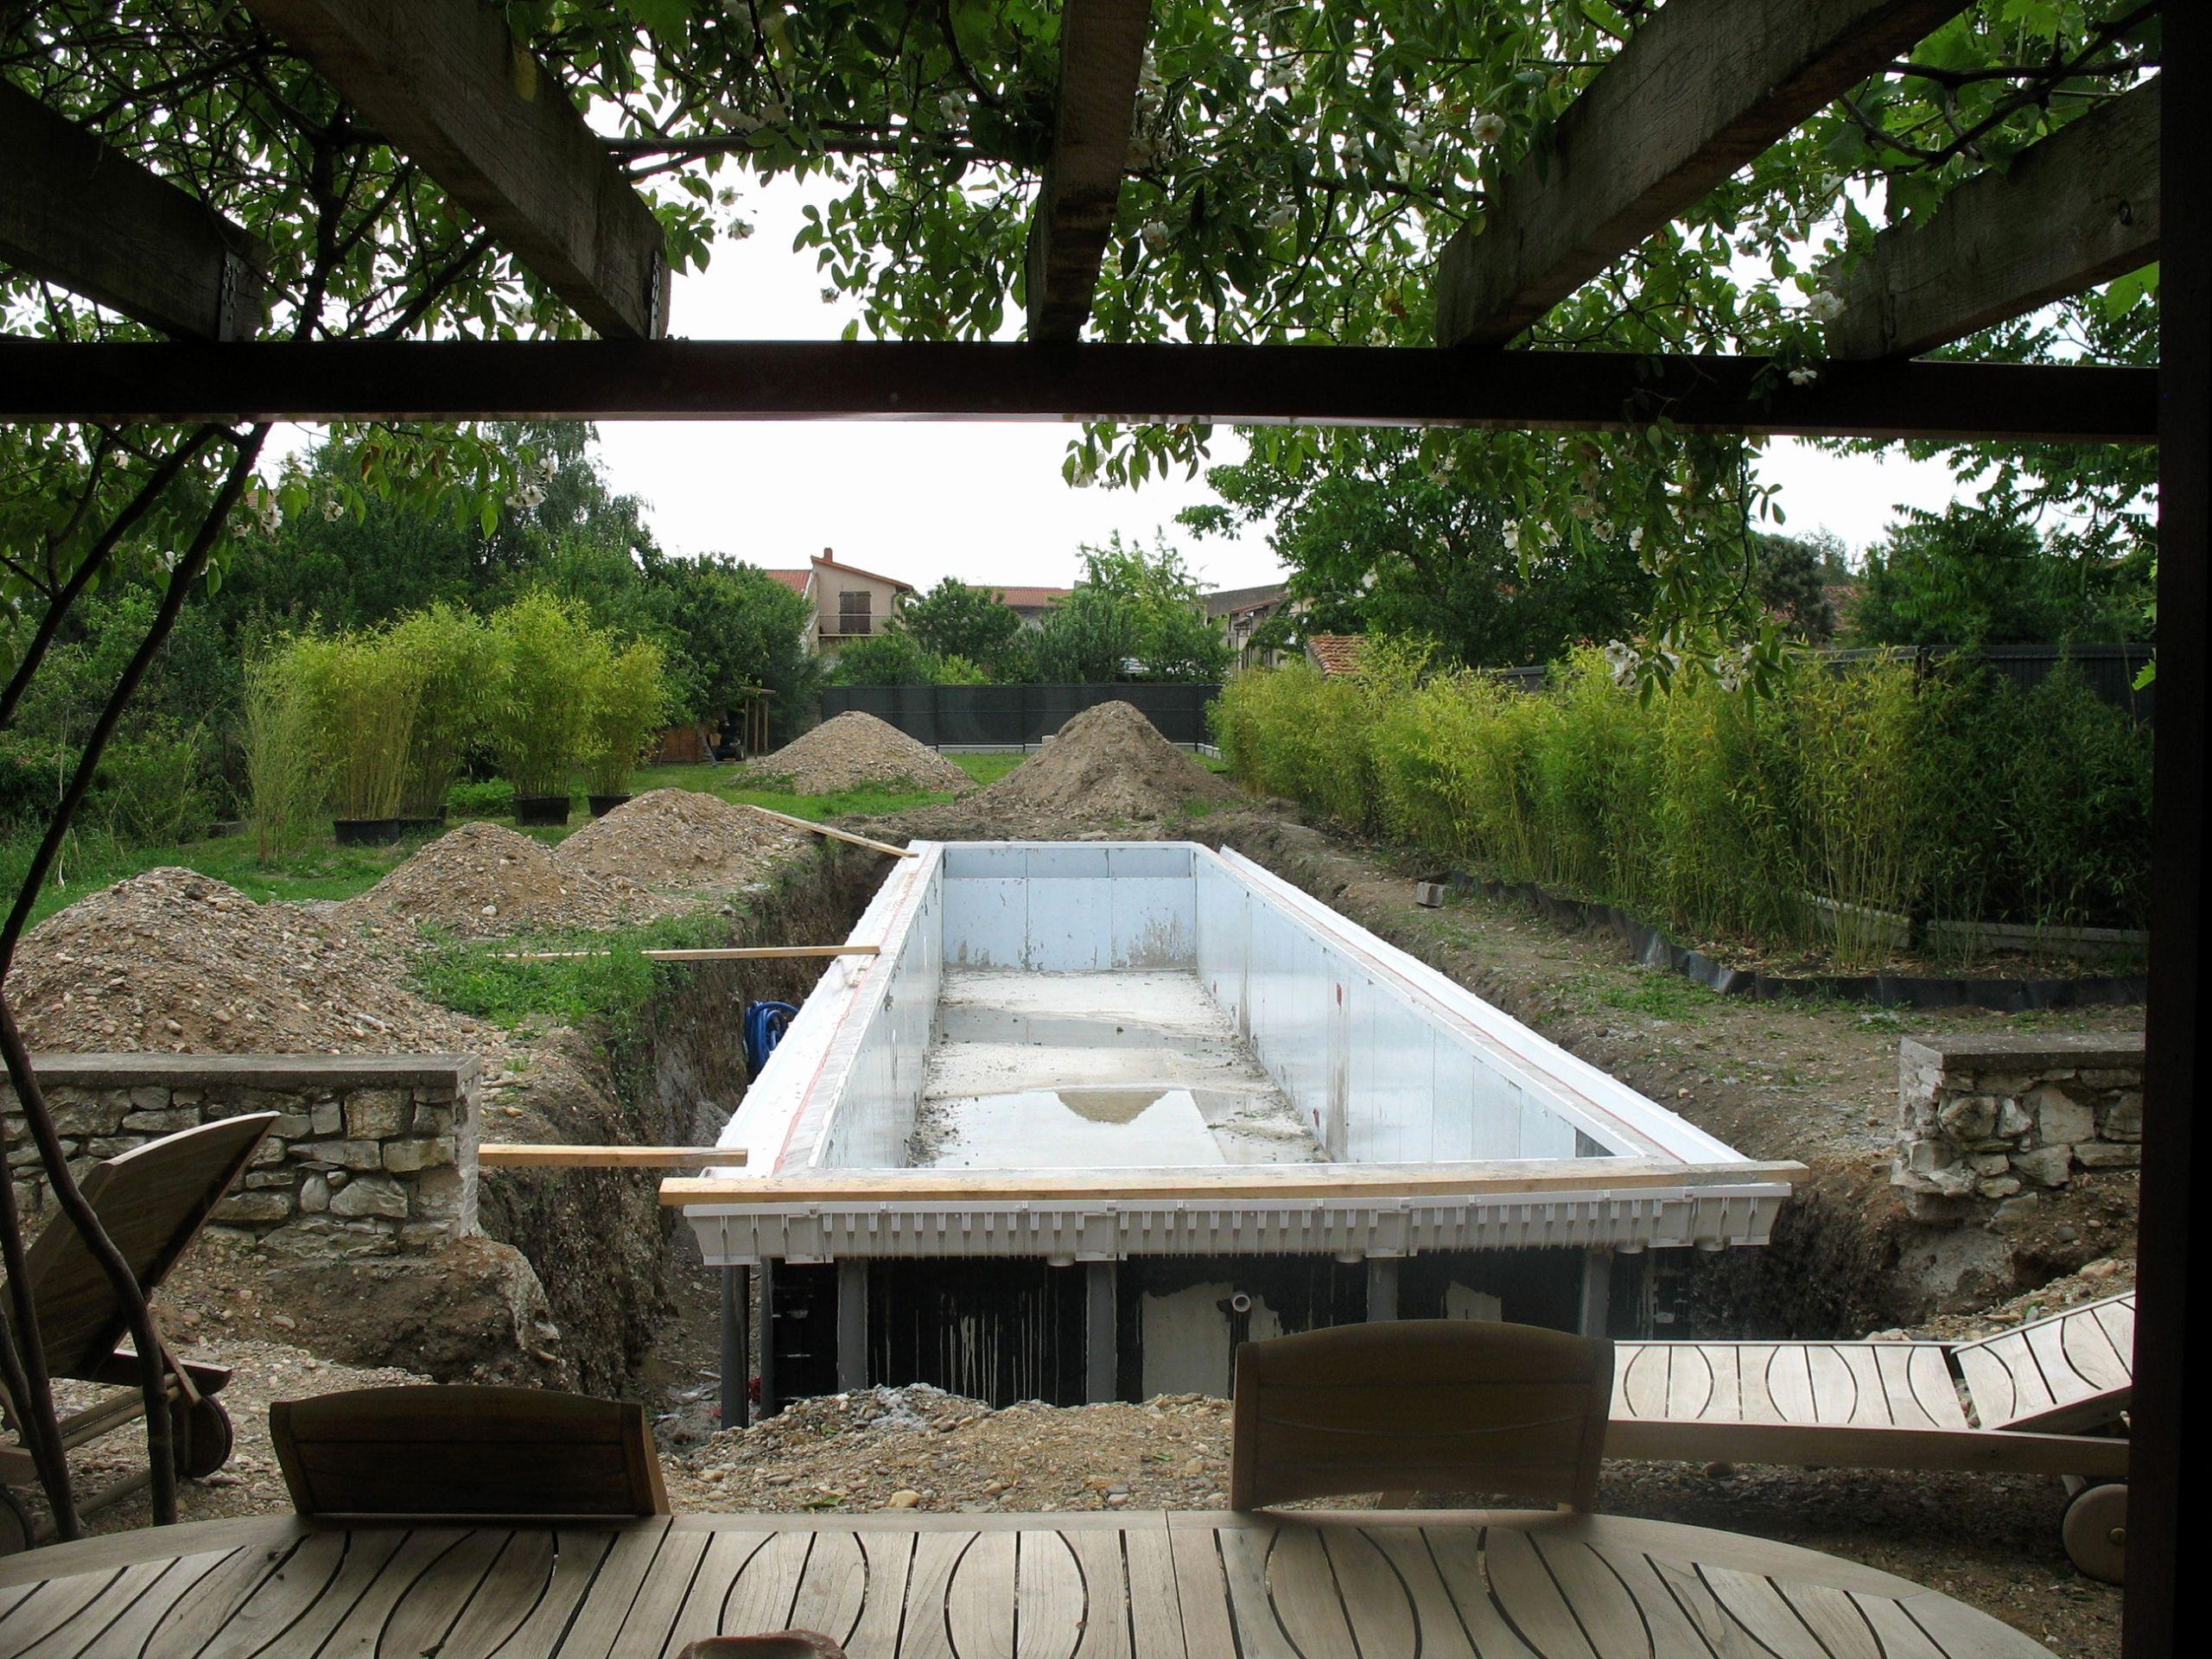 40 Best Of Amenagement Jardin Exterieur   Salon Jardin encequiconcerne Amenagement Jardin Exterieur Mediterraneen